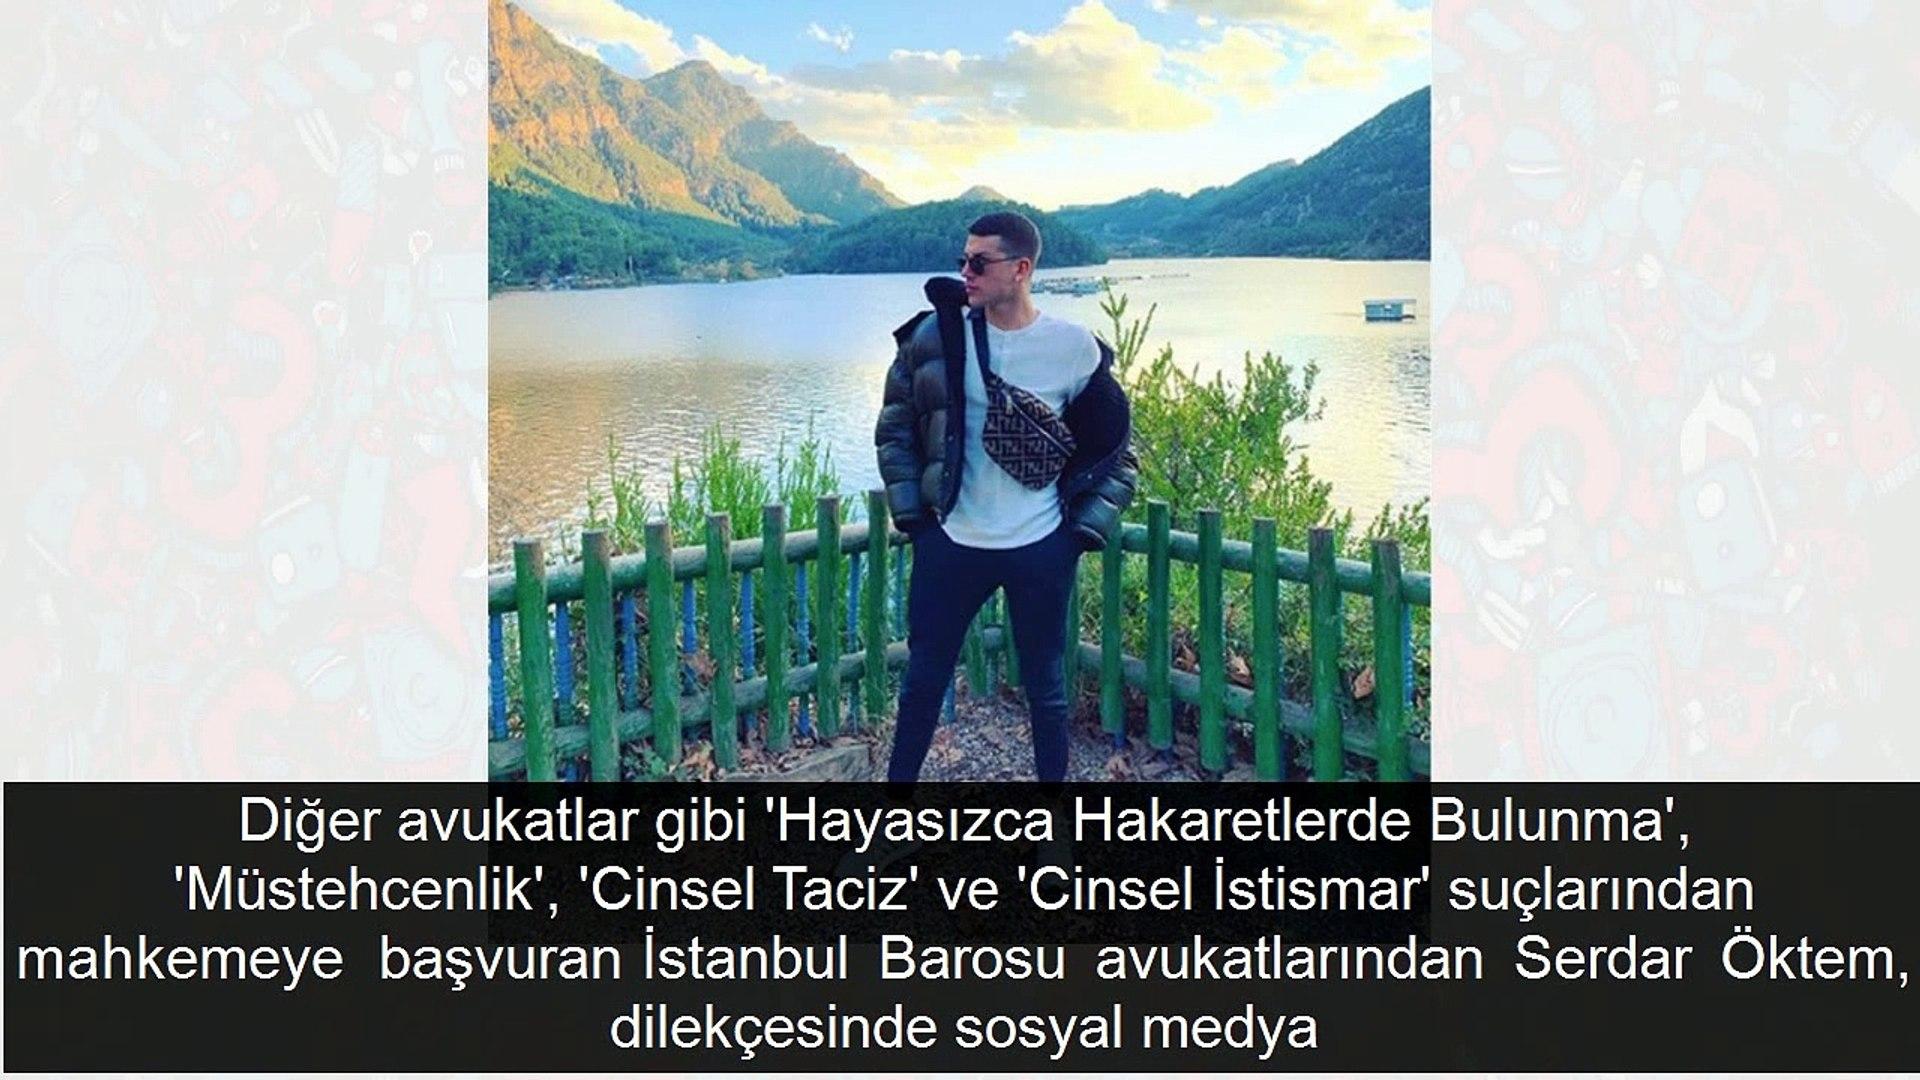 Kerimcan Durmaz'ın uçak videosu sonrası istenen ceza belli oldu!